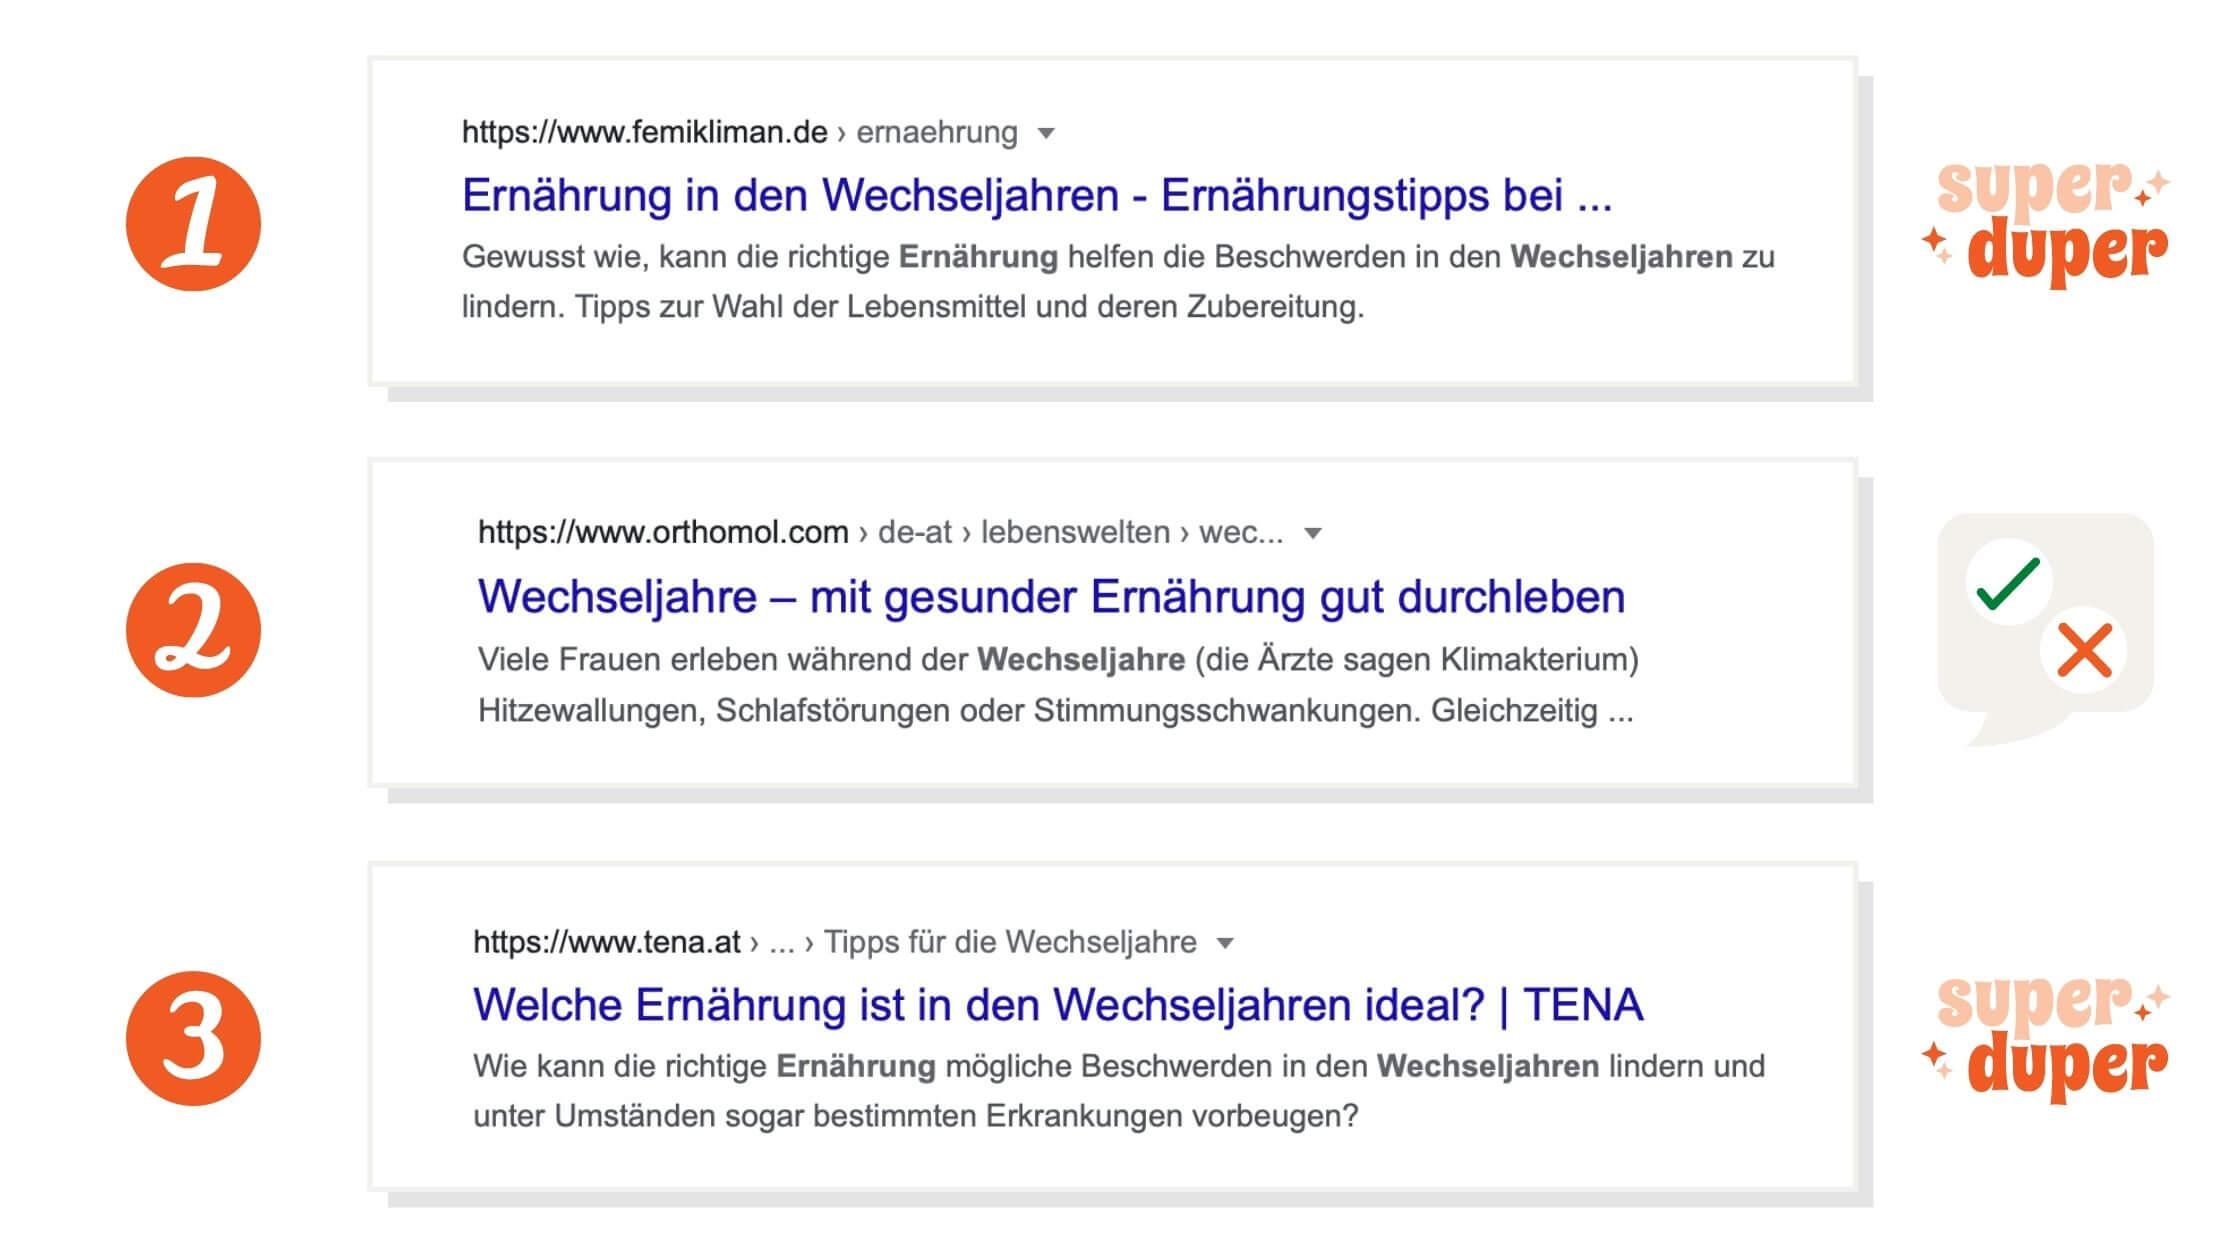 Metadaten sind die Schnipsel, die in den Google Suchergebnissen angezeigt werden